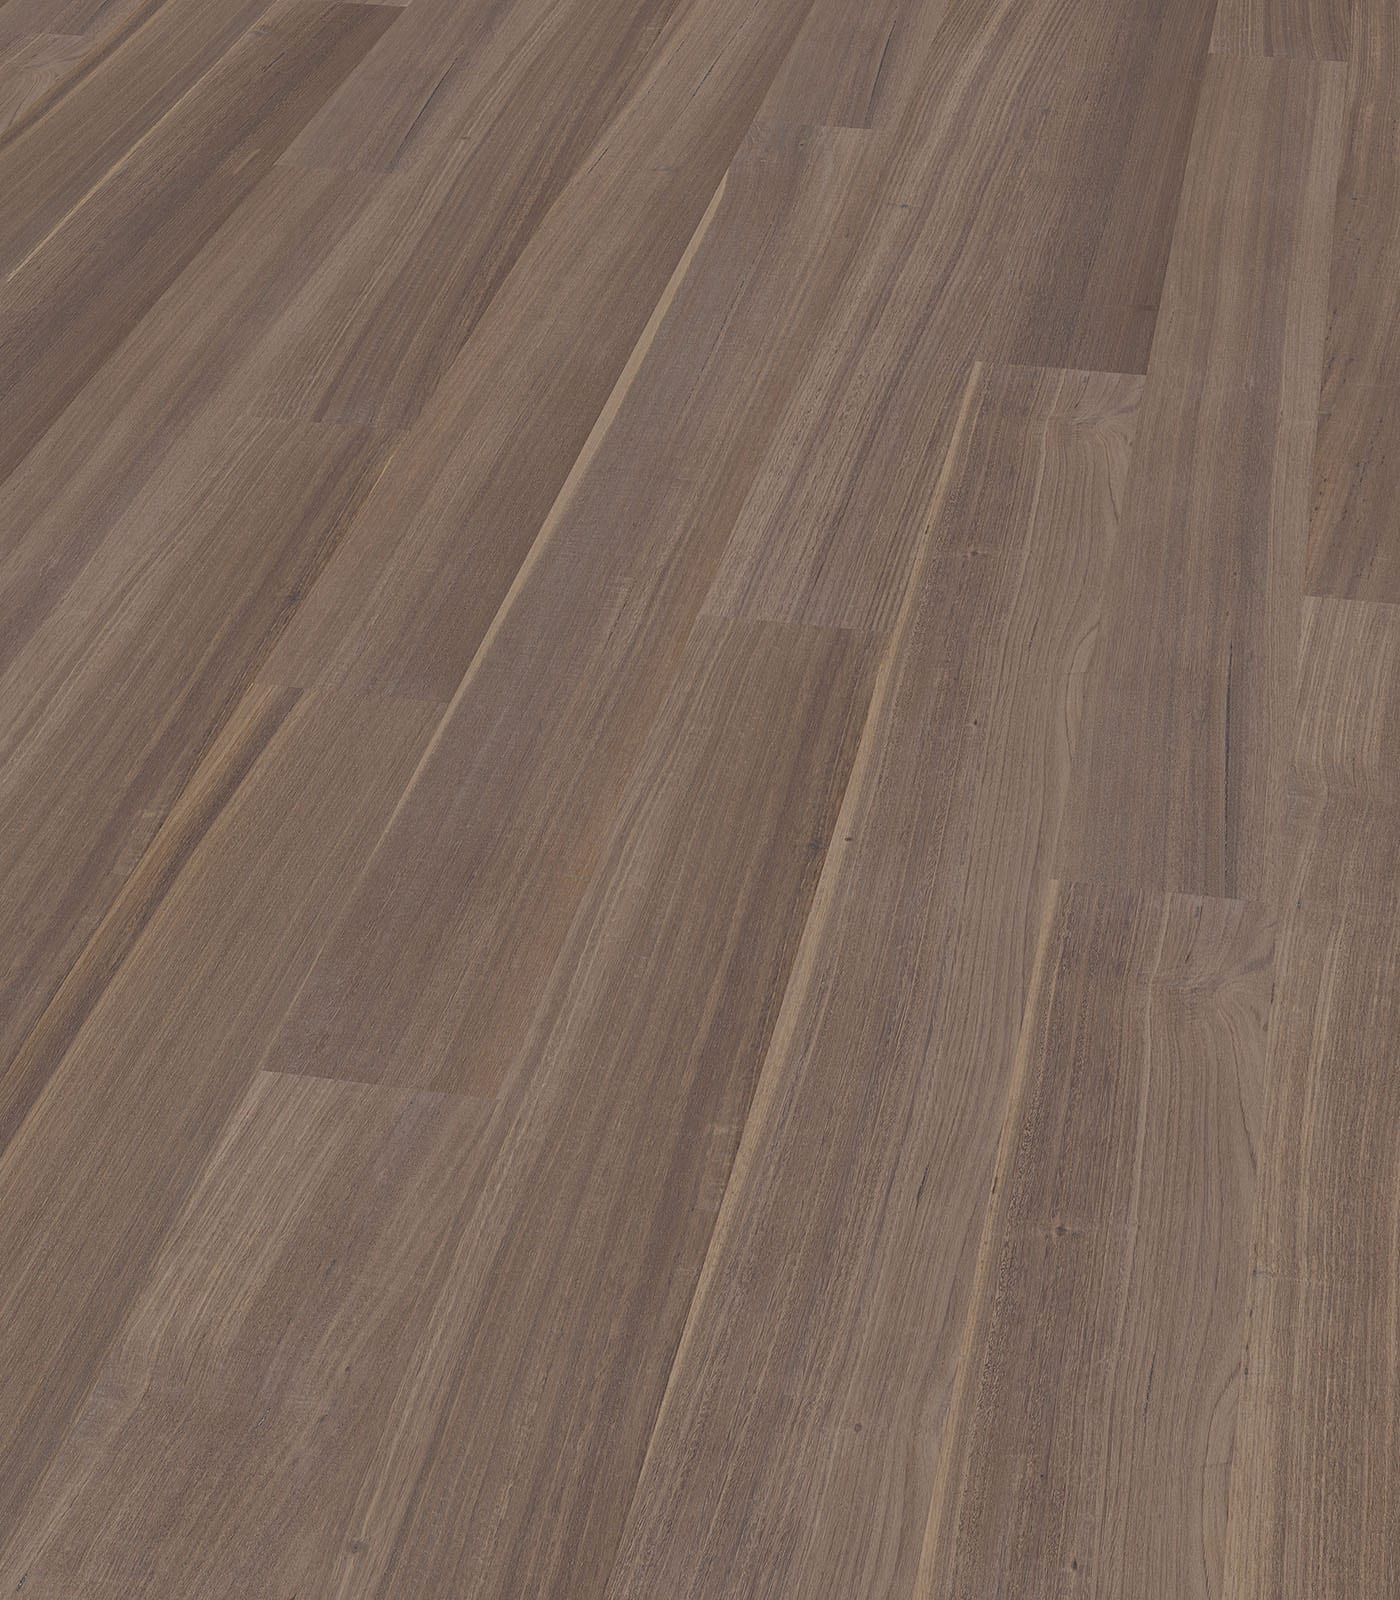 Devonport-After Oak collection-Tasmanian Oak floors-angle